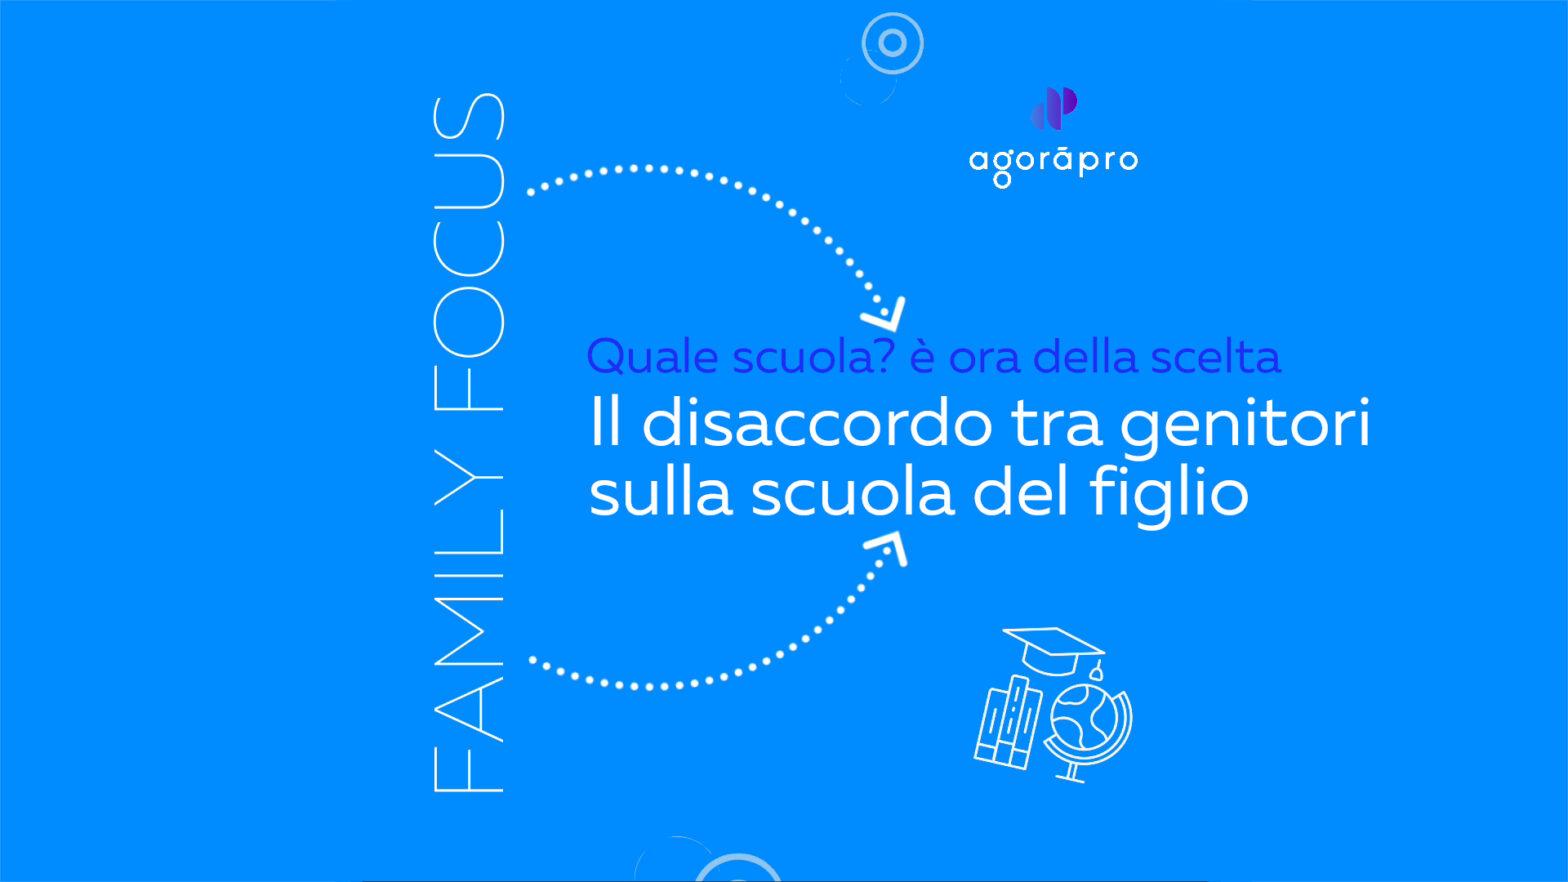 Family Focus Agoràpro - Quale scuola? è ora della scelta - Il disaccordo tra genitori sulla scelta della scuola del figlio - Team Famiglia